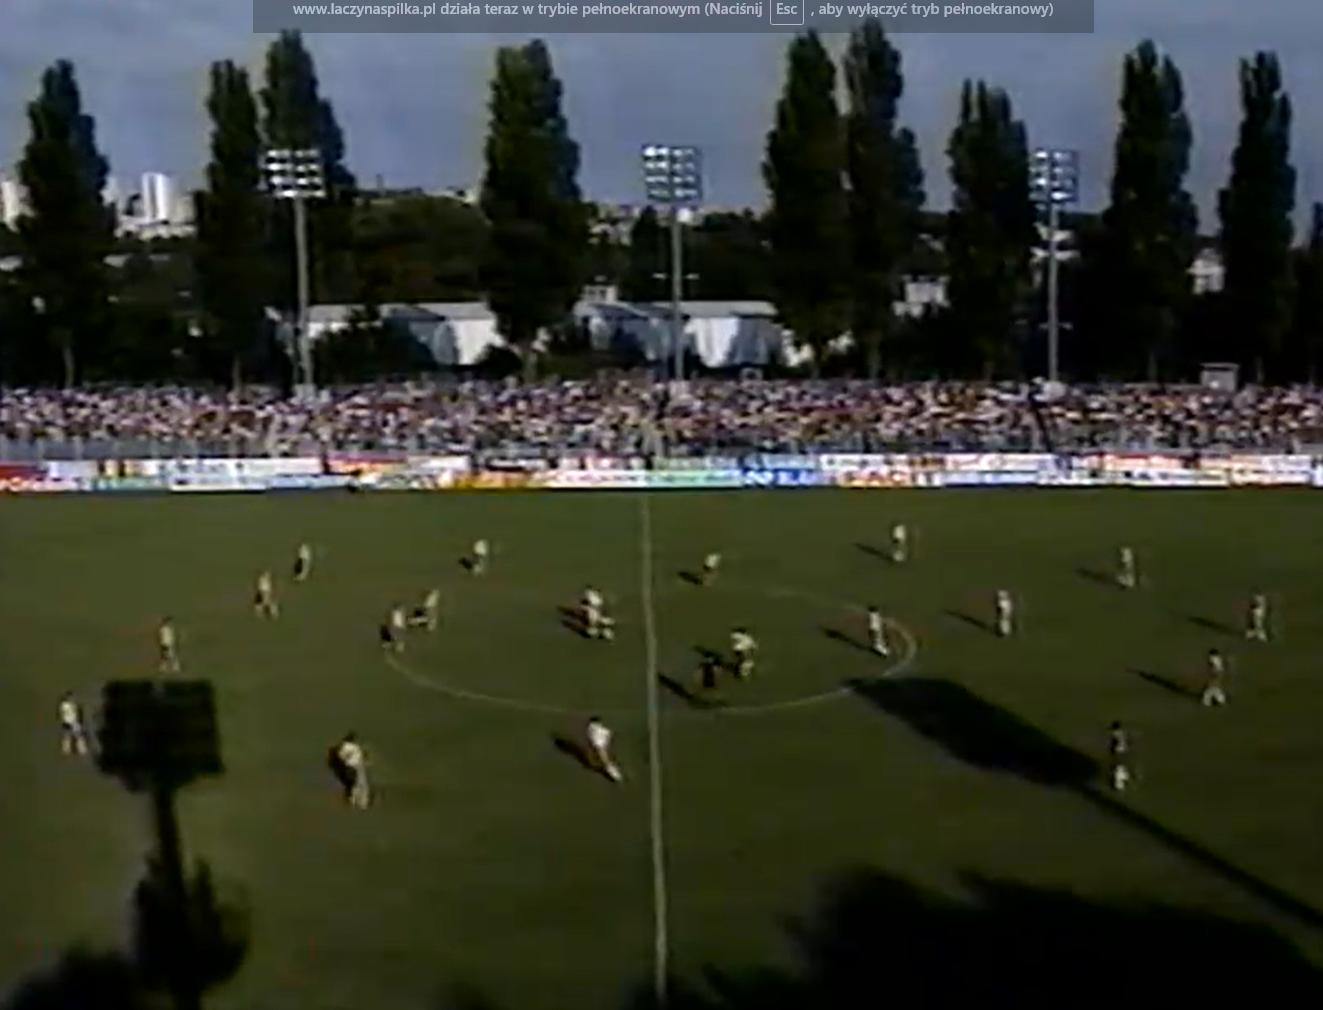 Polska-Szwecja 1991. Stadion w Gdynii